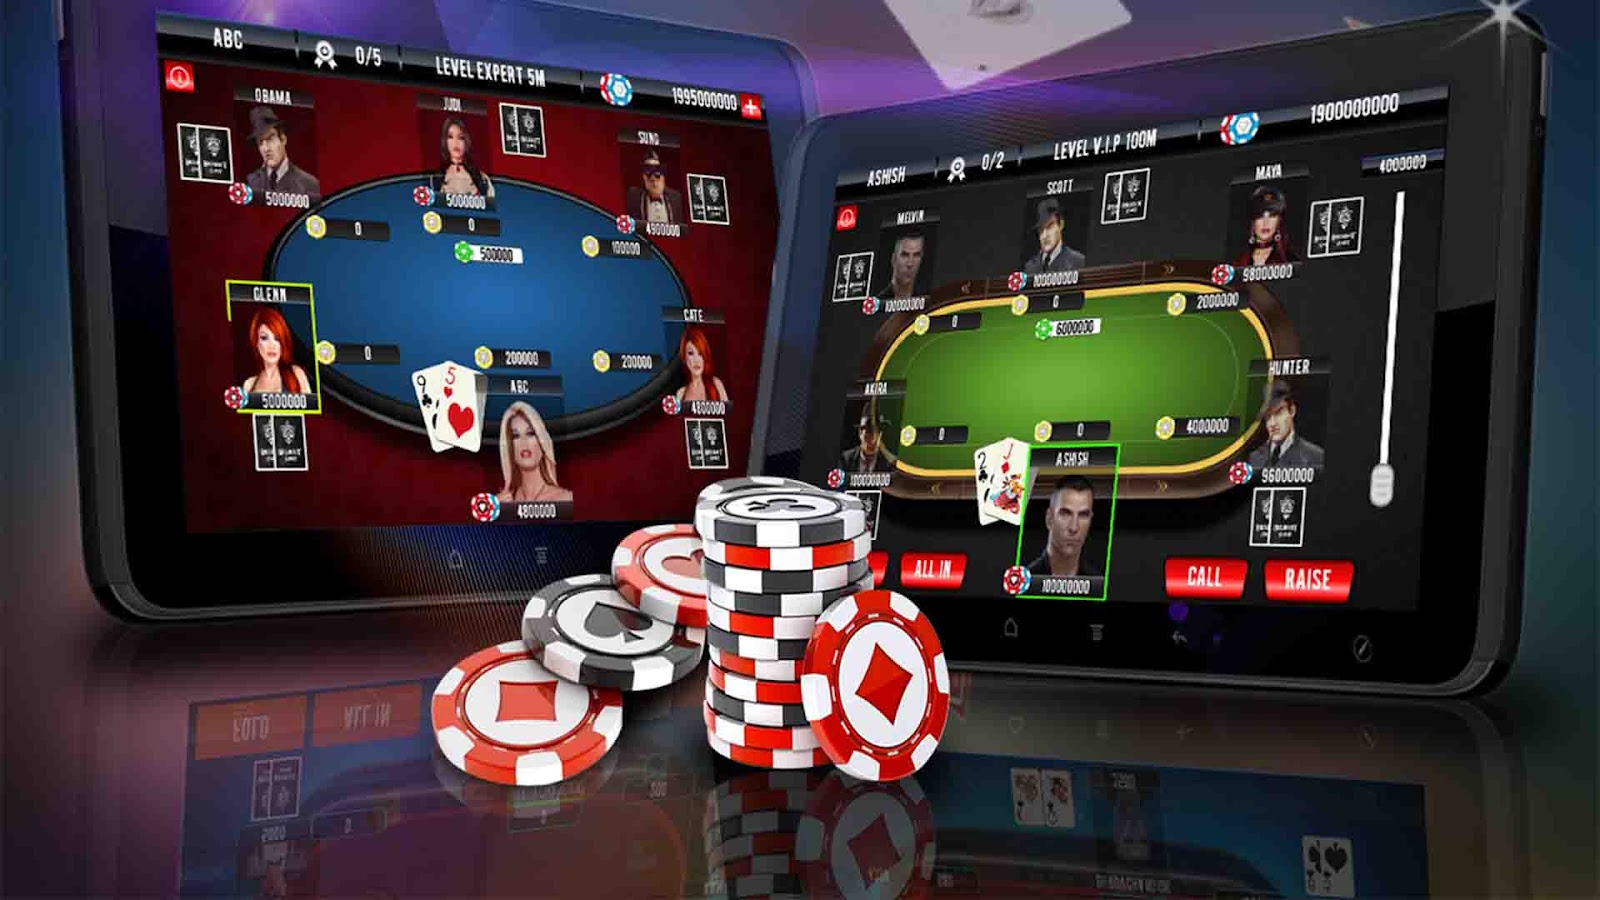 Сколько можно заработать играя в онлайн покер ютуб как играть в казино